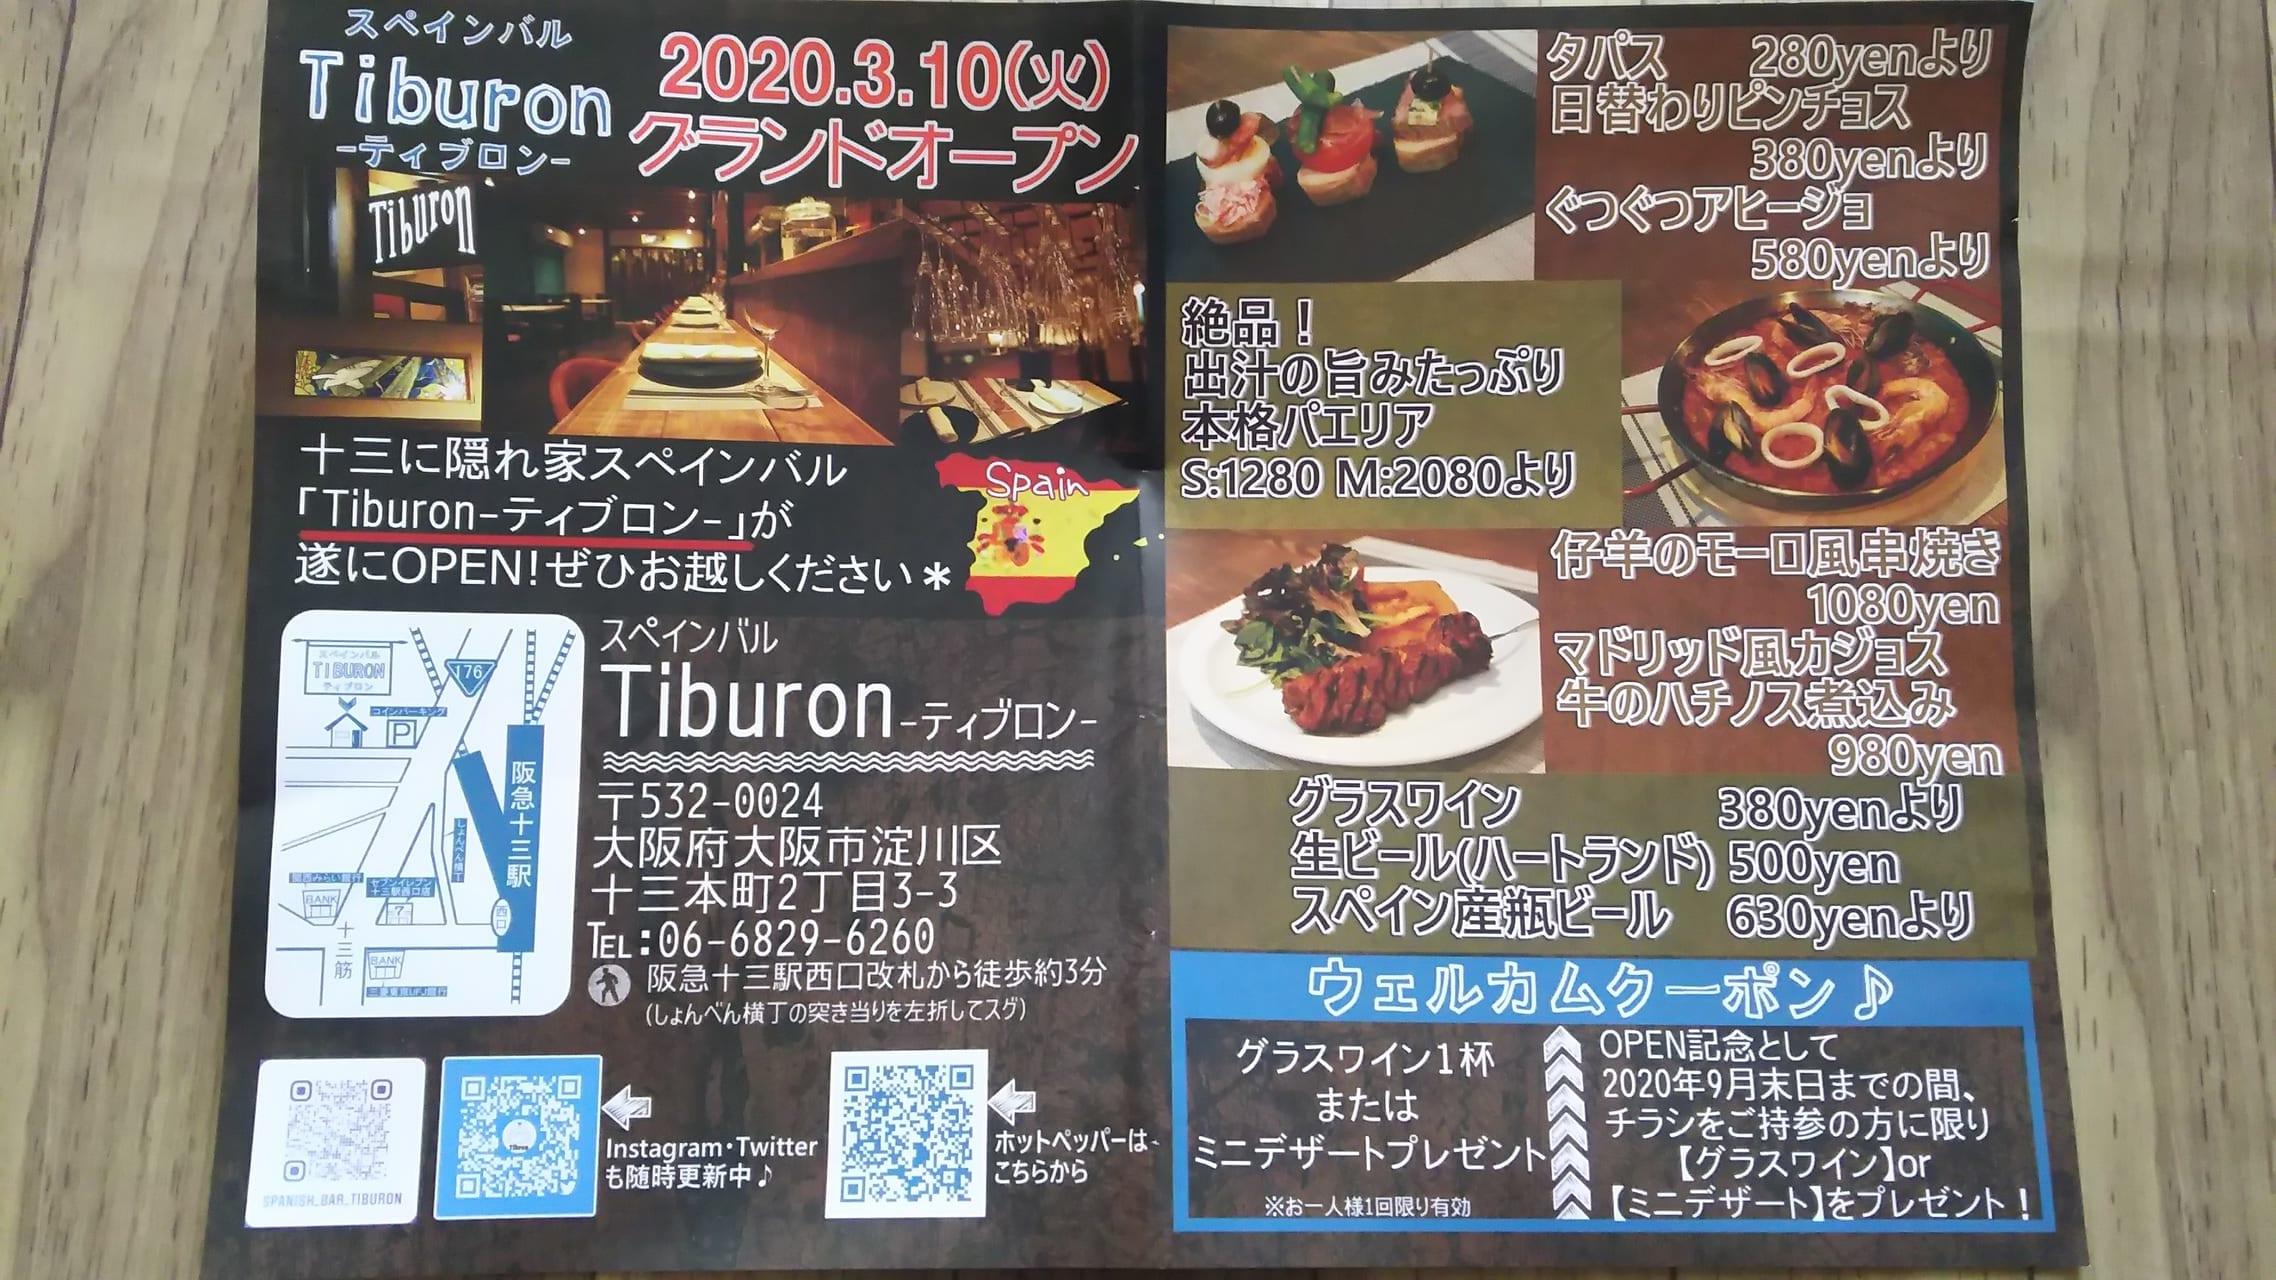 スペインバル Tiburon ティブロン グランドオープンのお知らせ